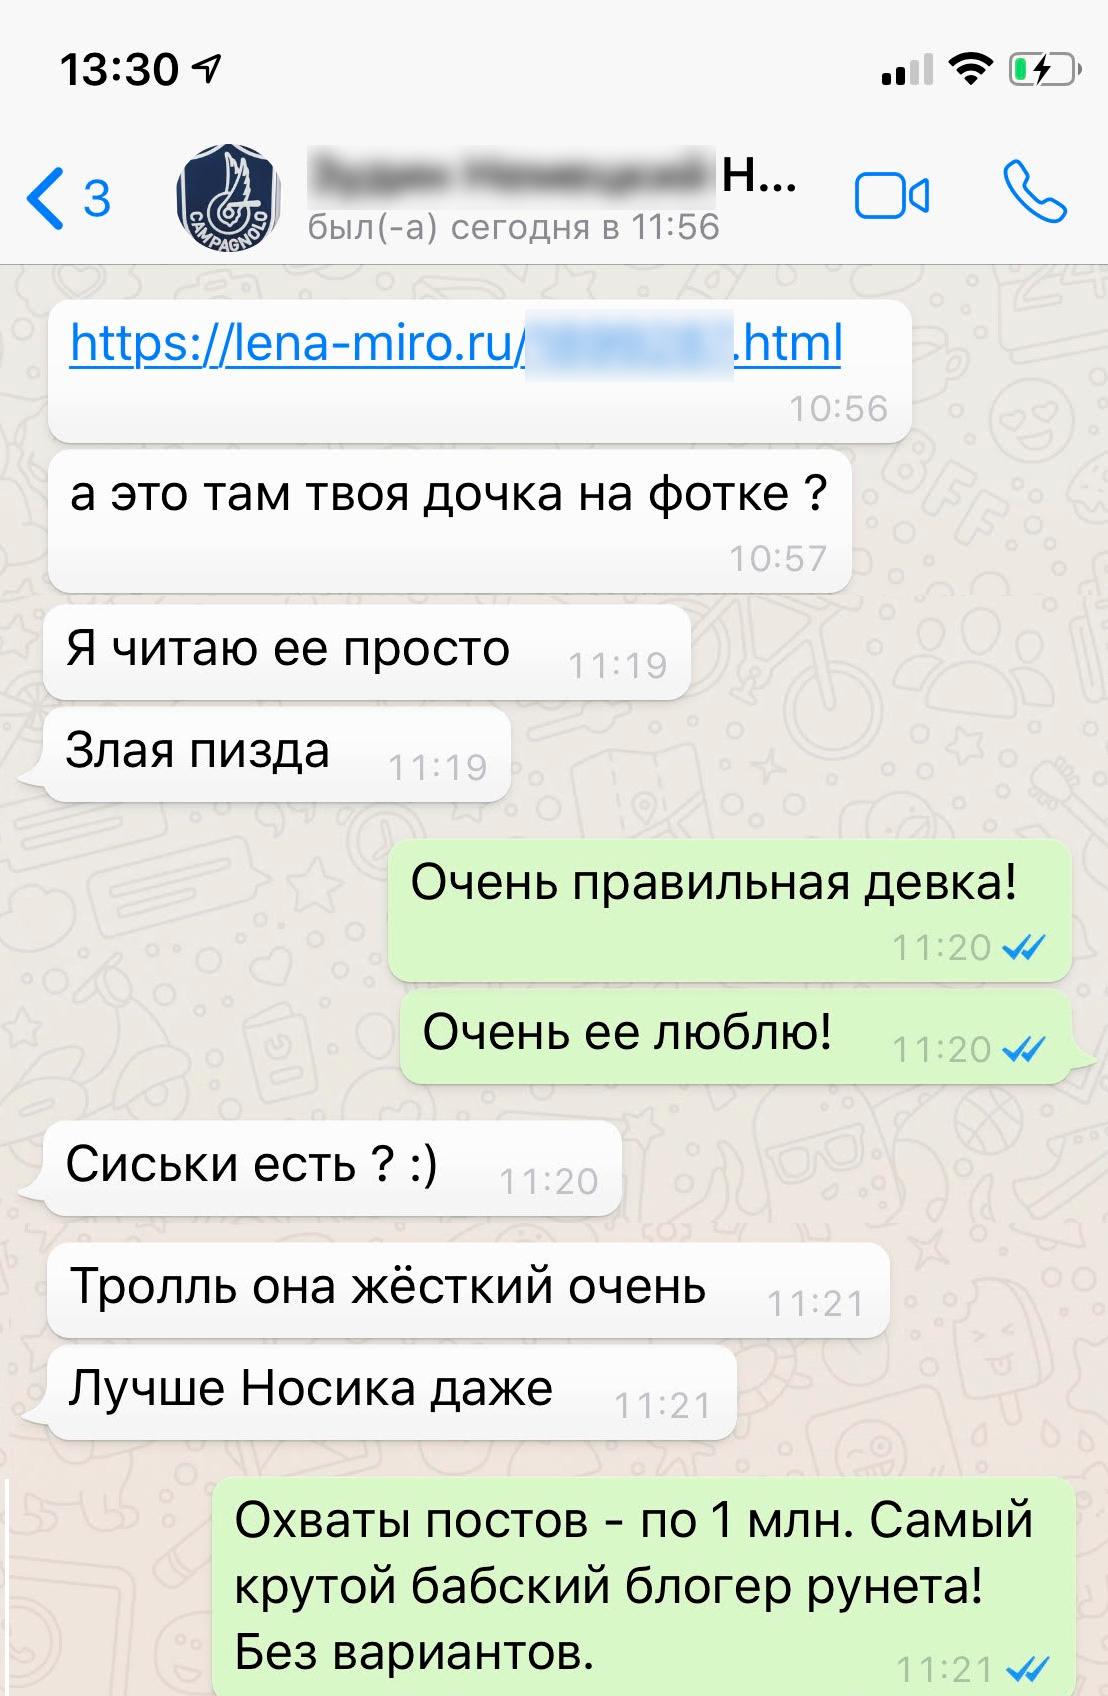 Тайный читатель Лены Миро